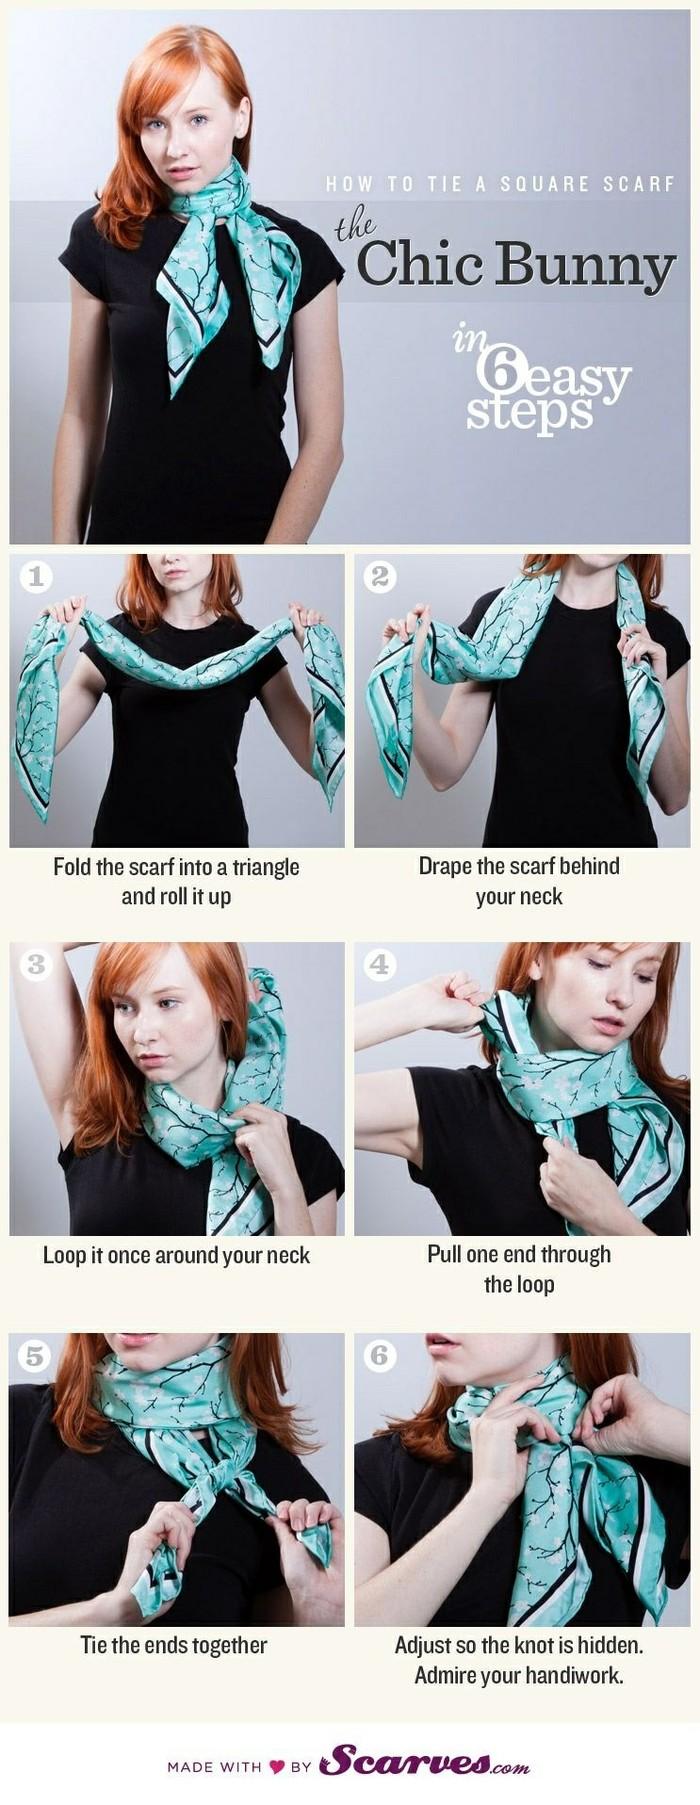 风的围巾系法,请点这里:围巾围法大全图解 60种韩国流行围巾围法之六